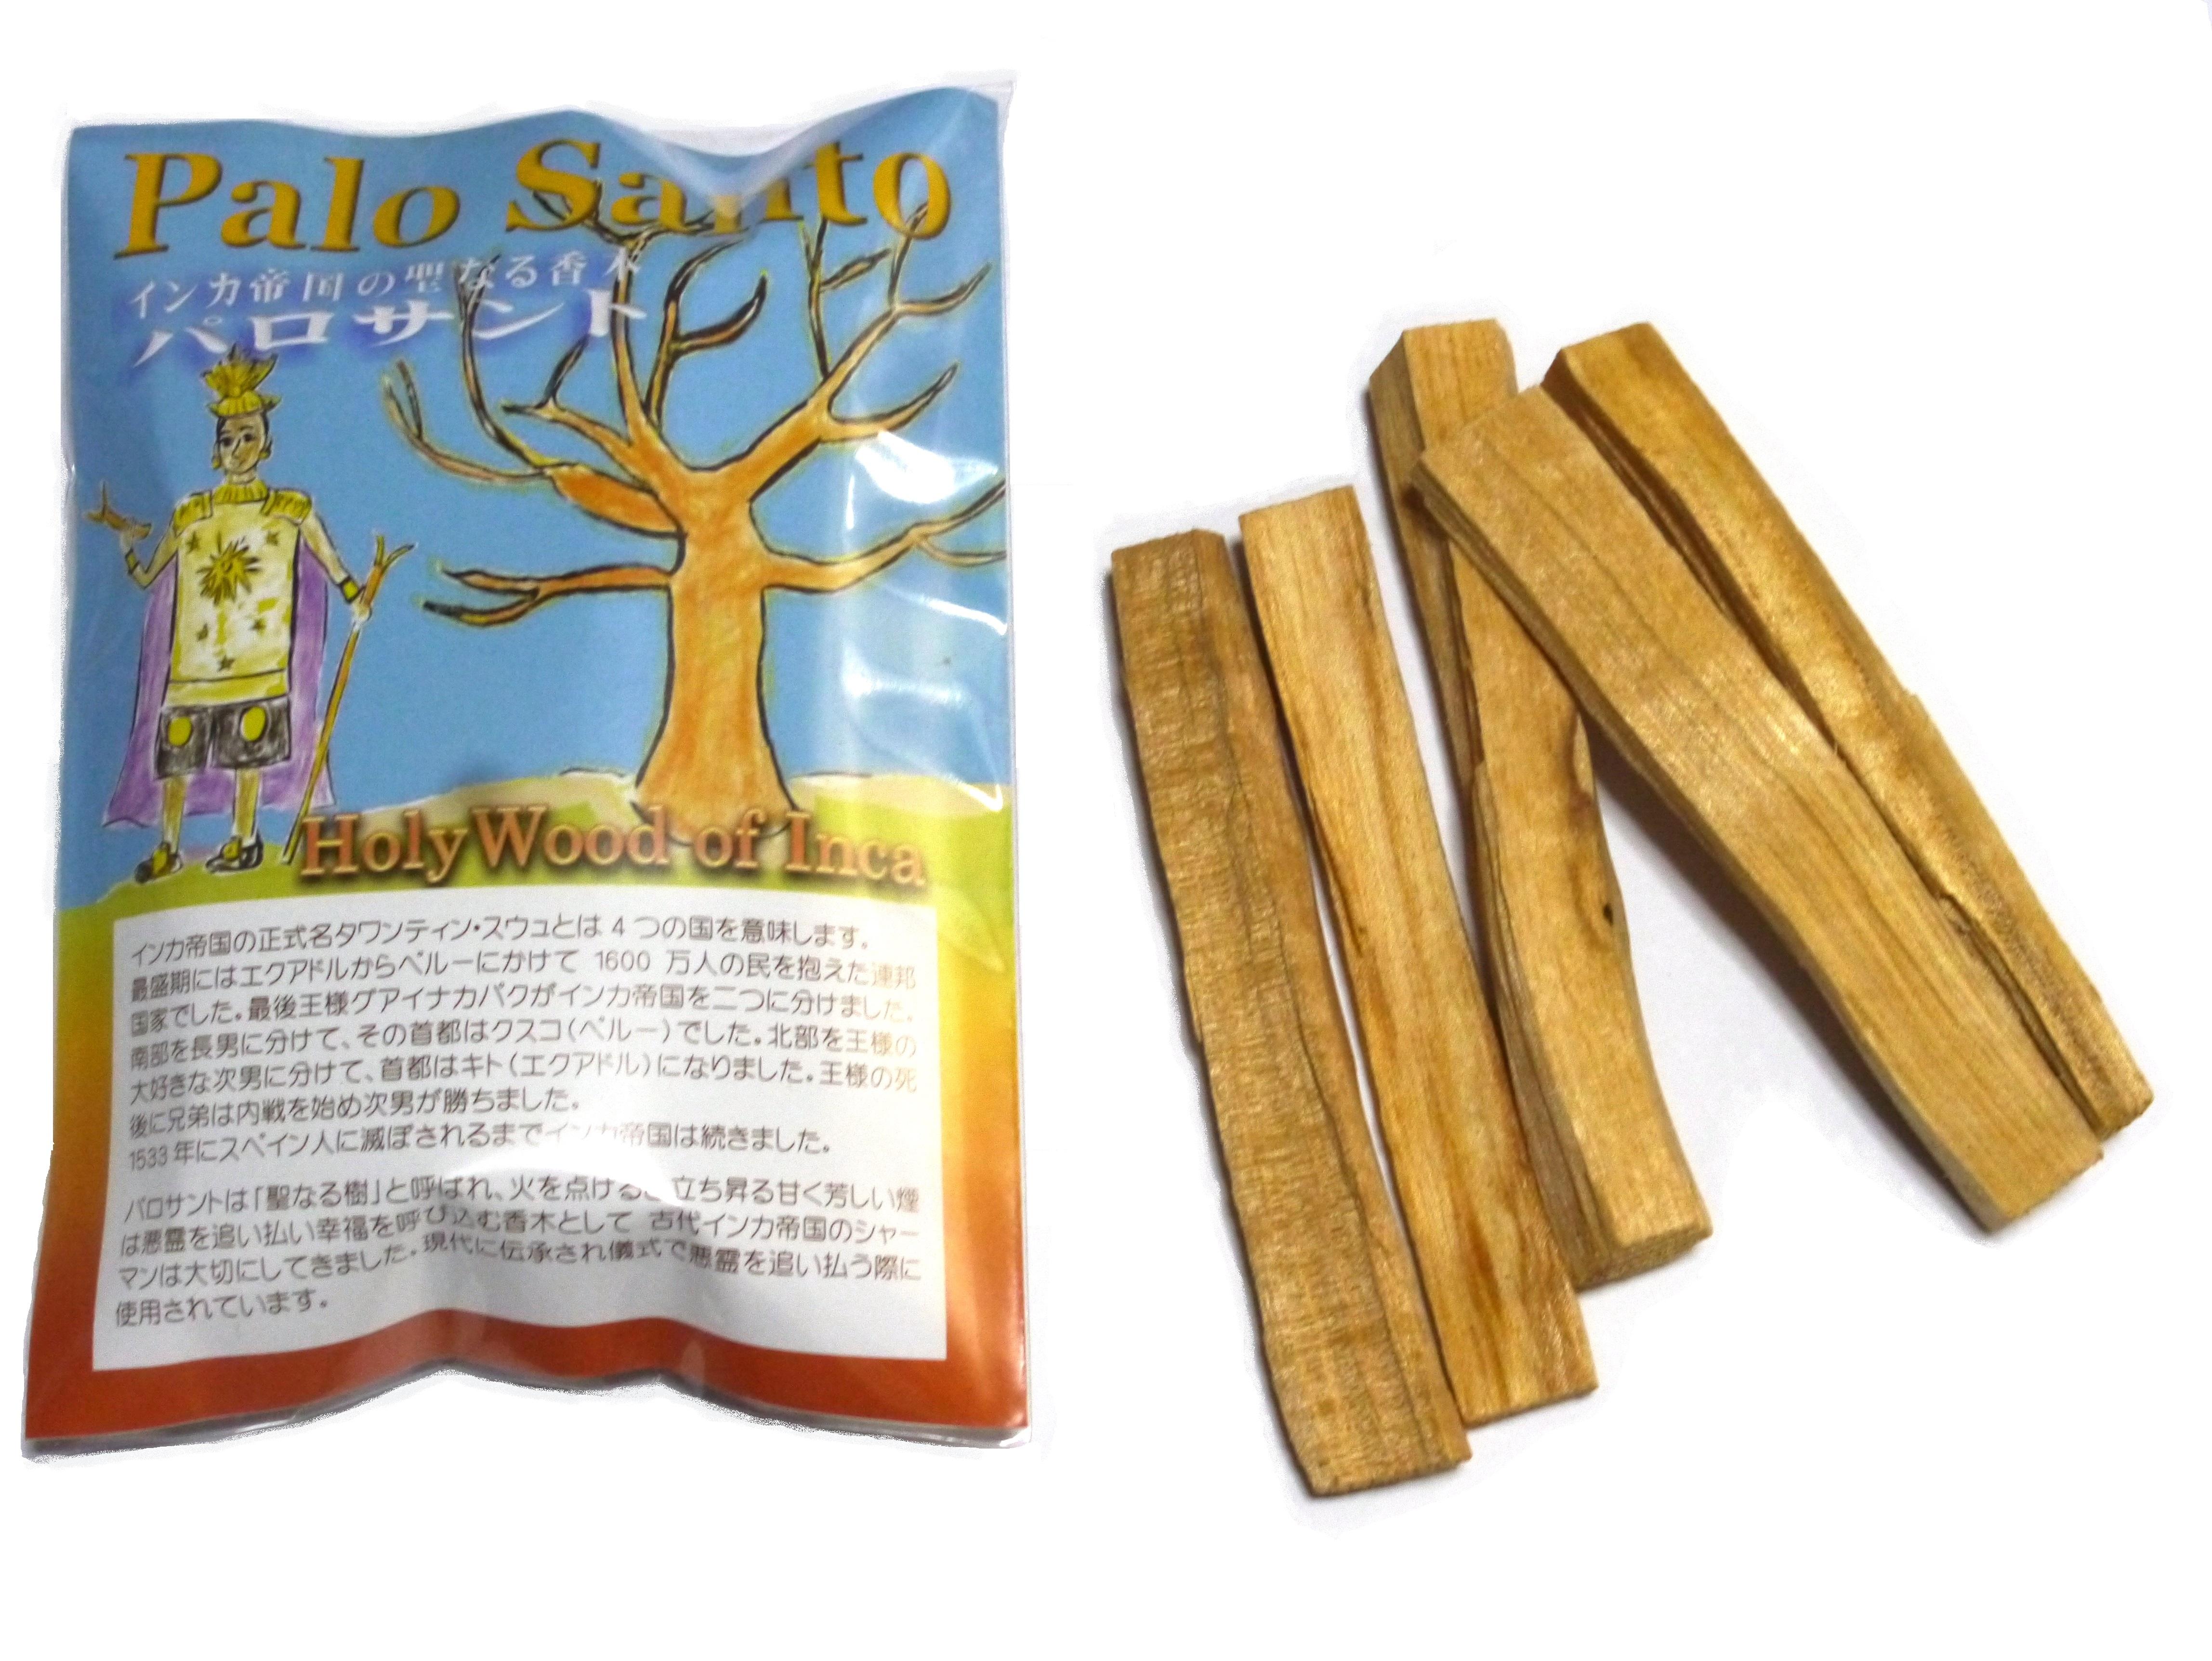 パロサント5本入り【聖なる木】【香木】10パック卸